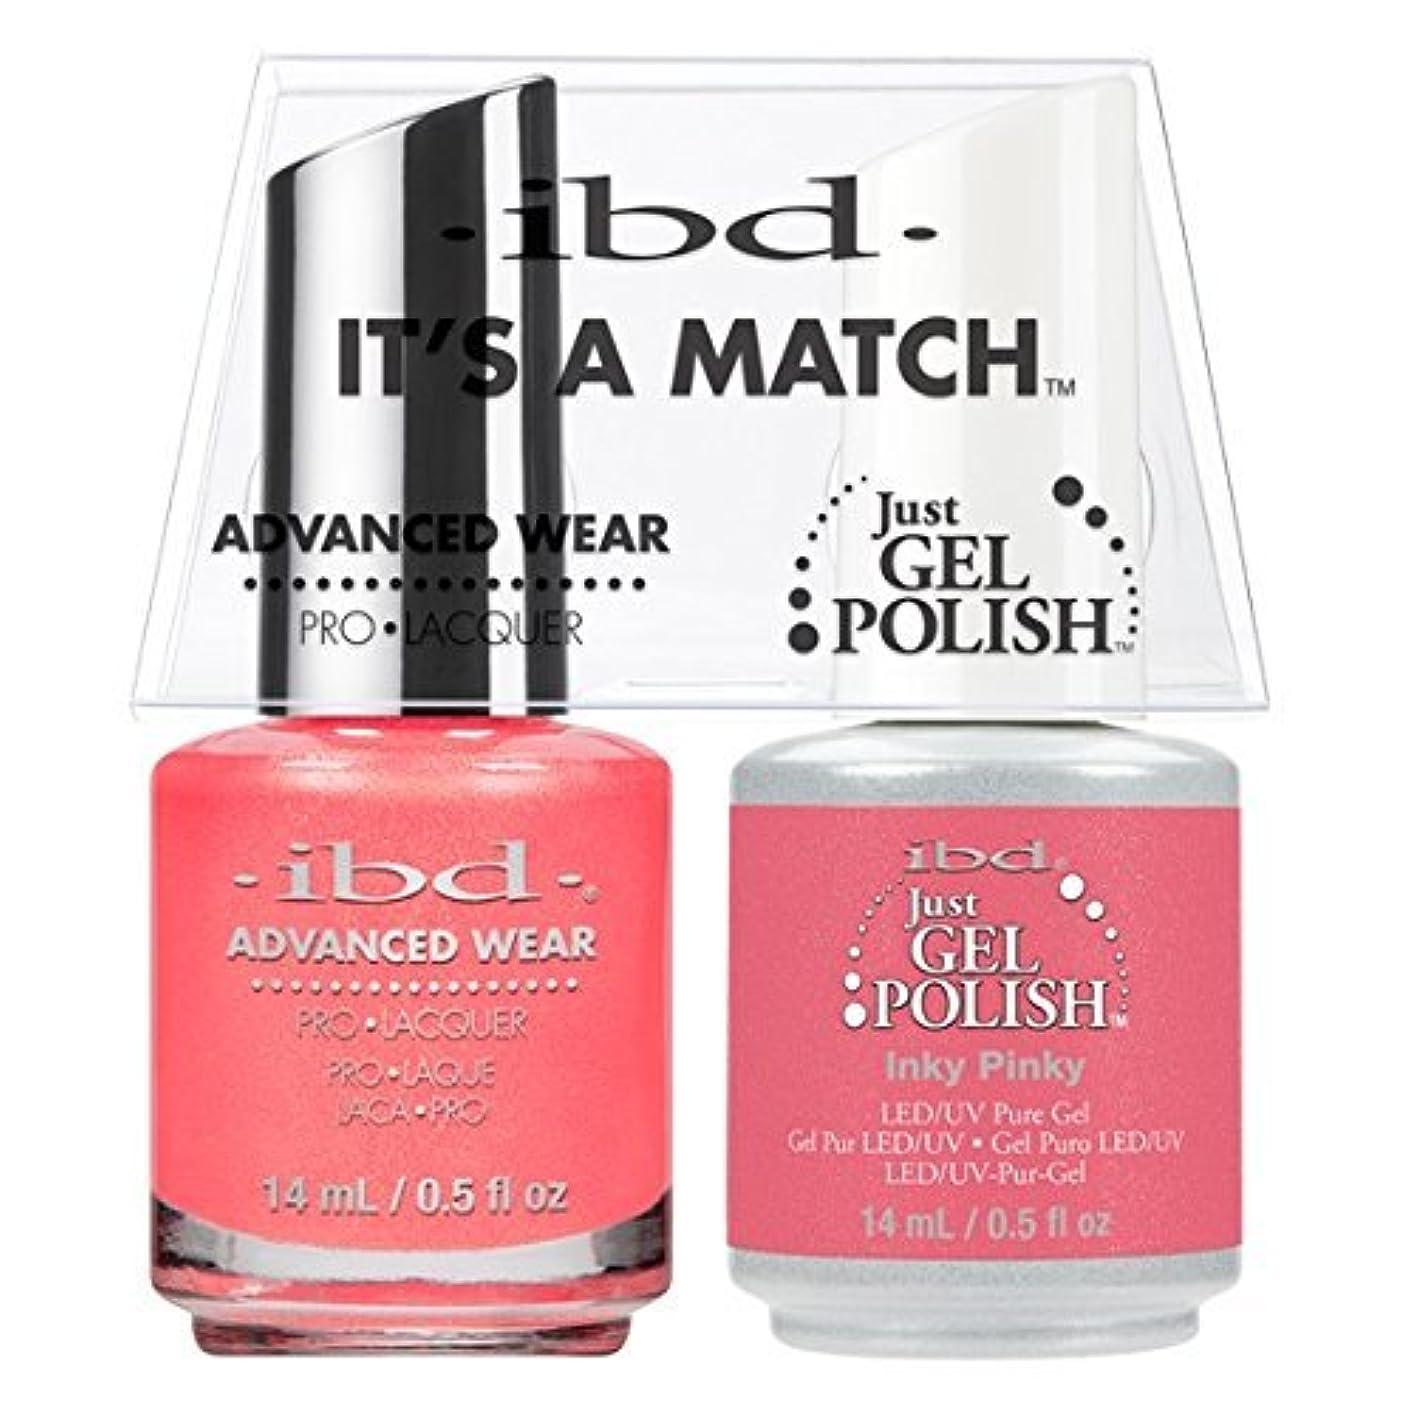 合併症塩モディッシュibd - It's A Match -Duo Pack- Inky Pinky - 14 mL / 0.5 oz Each